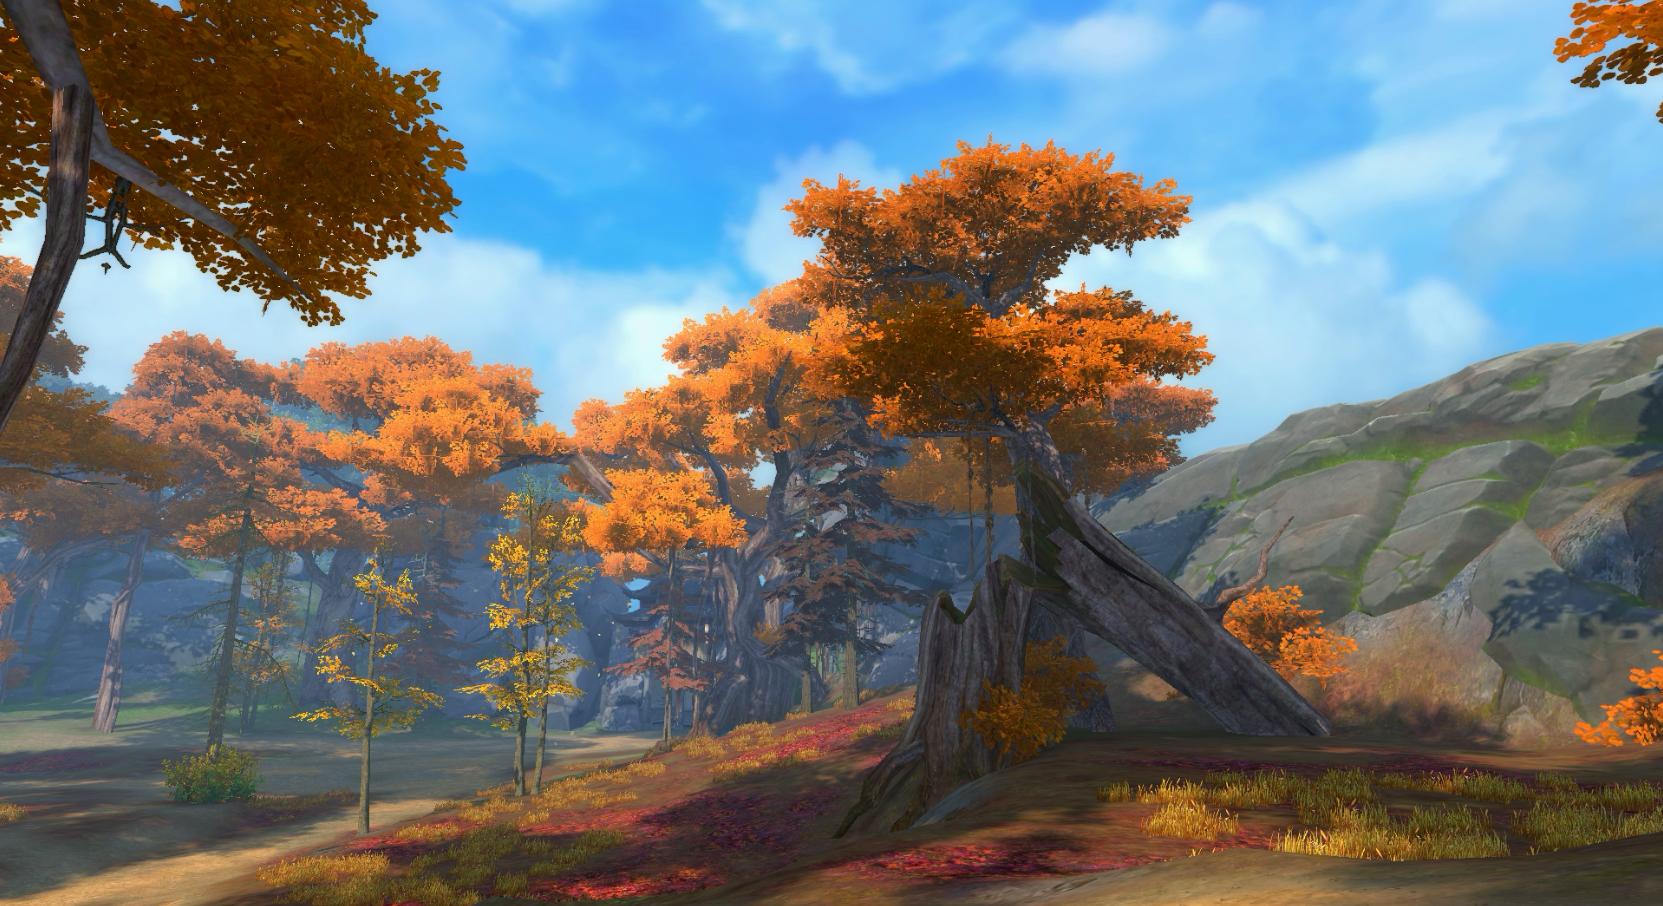 图片: 秋季.png